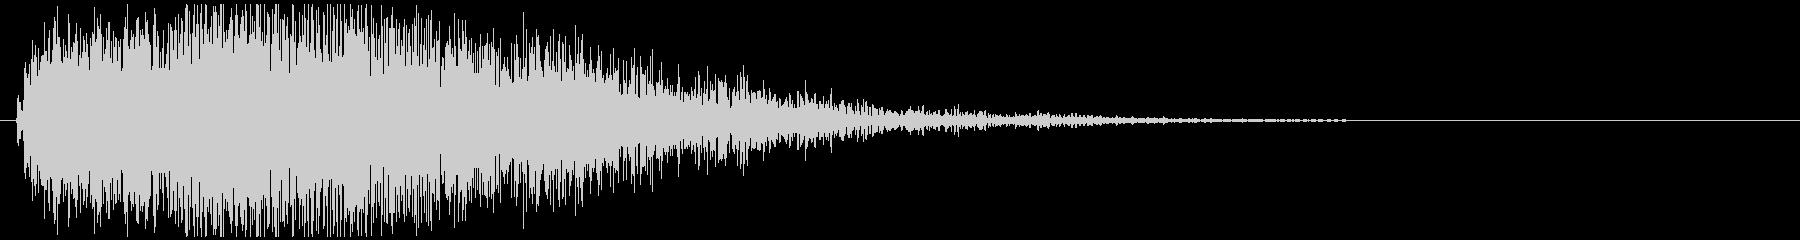 オケヒット結果発表の未再生の波形